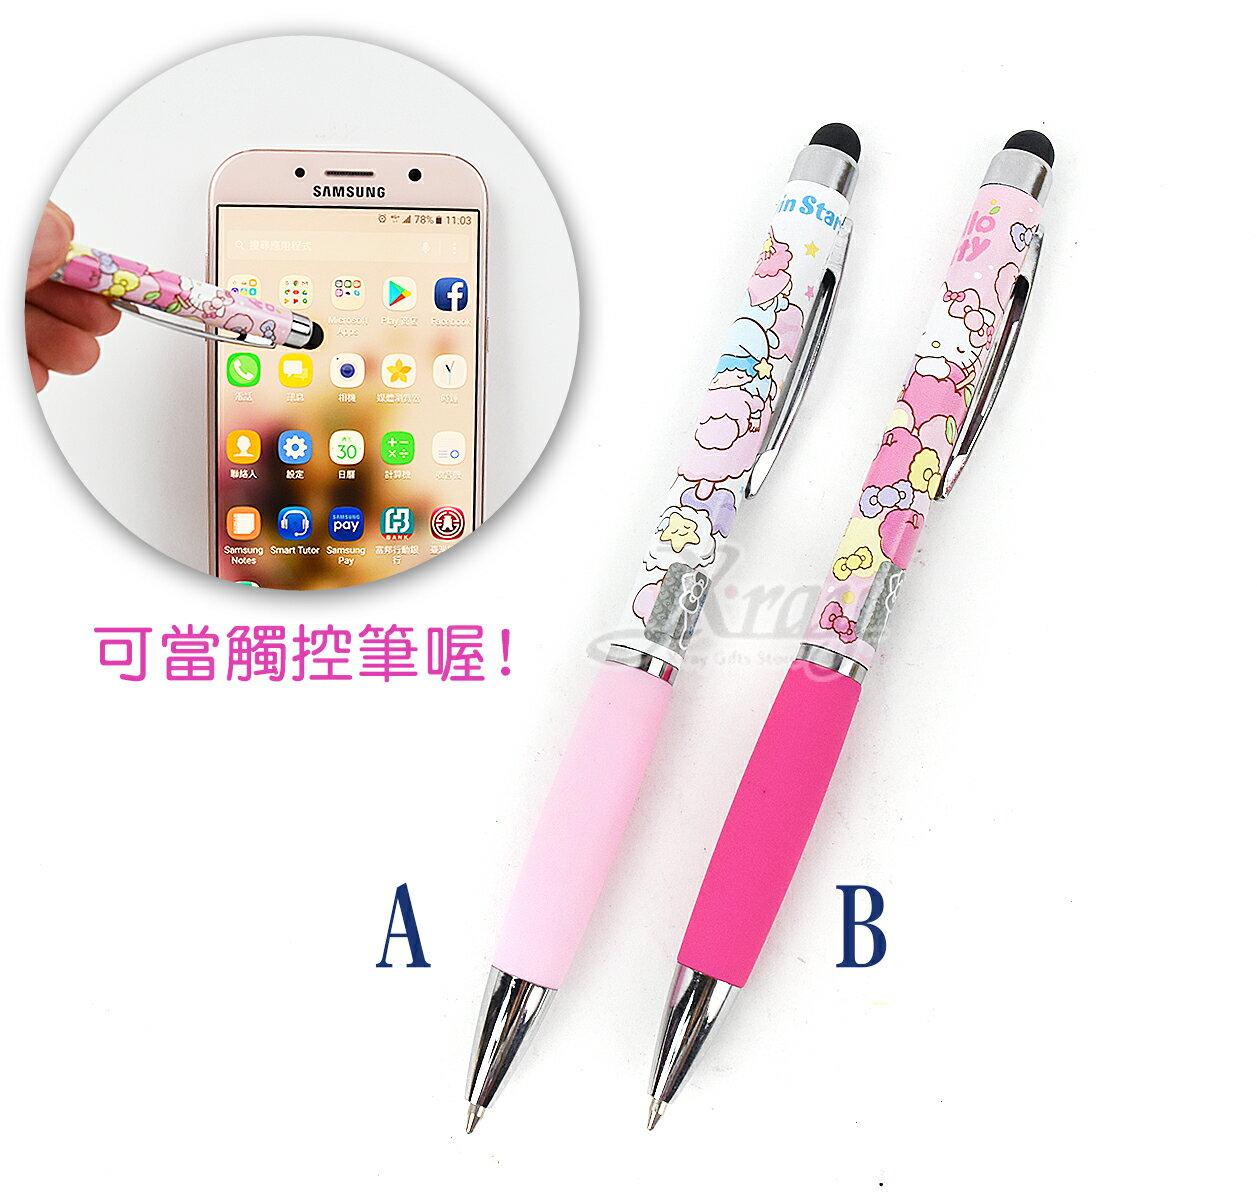 X射線【C826495】三麗鷗原子筆+觸控筆,二合一/油性筆/手機觸控/文具/辦公用品/筆/書寫工具